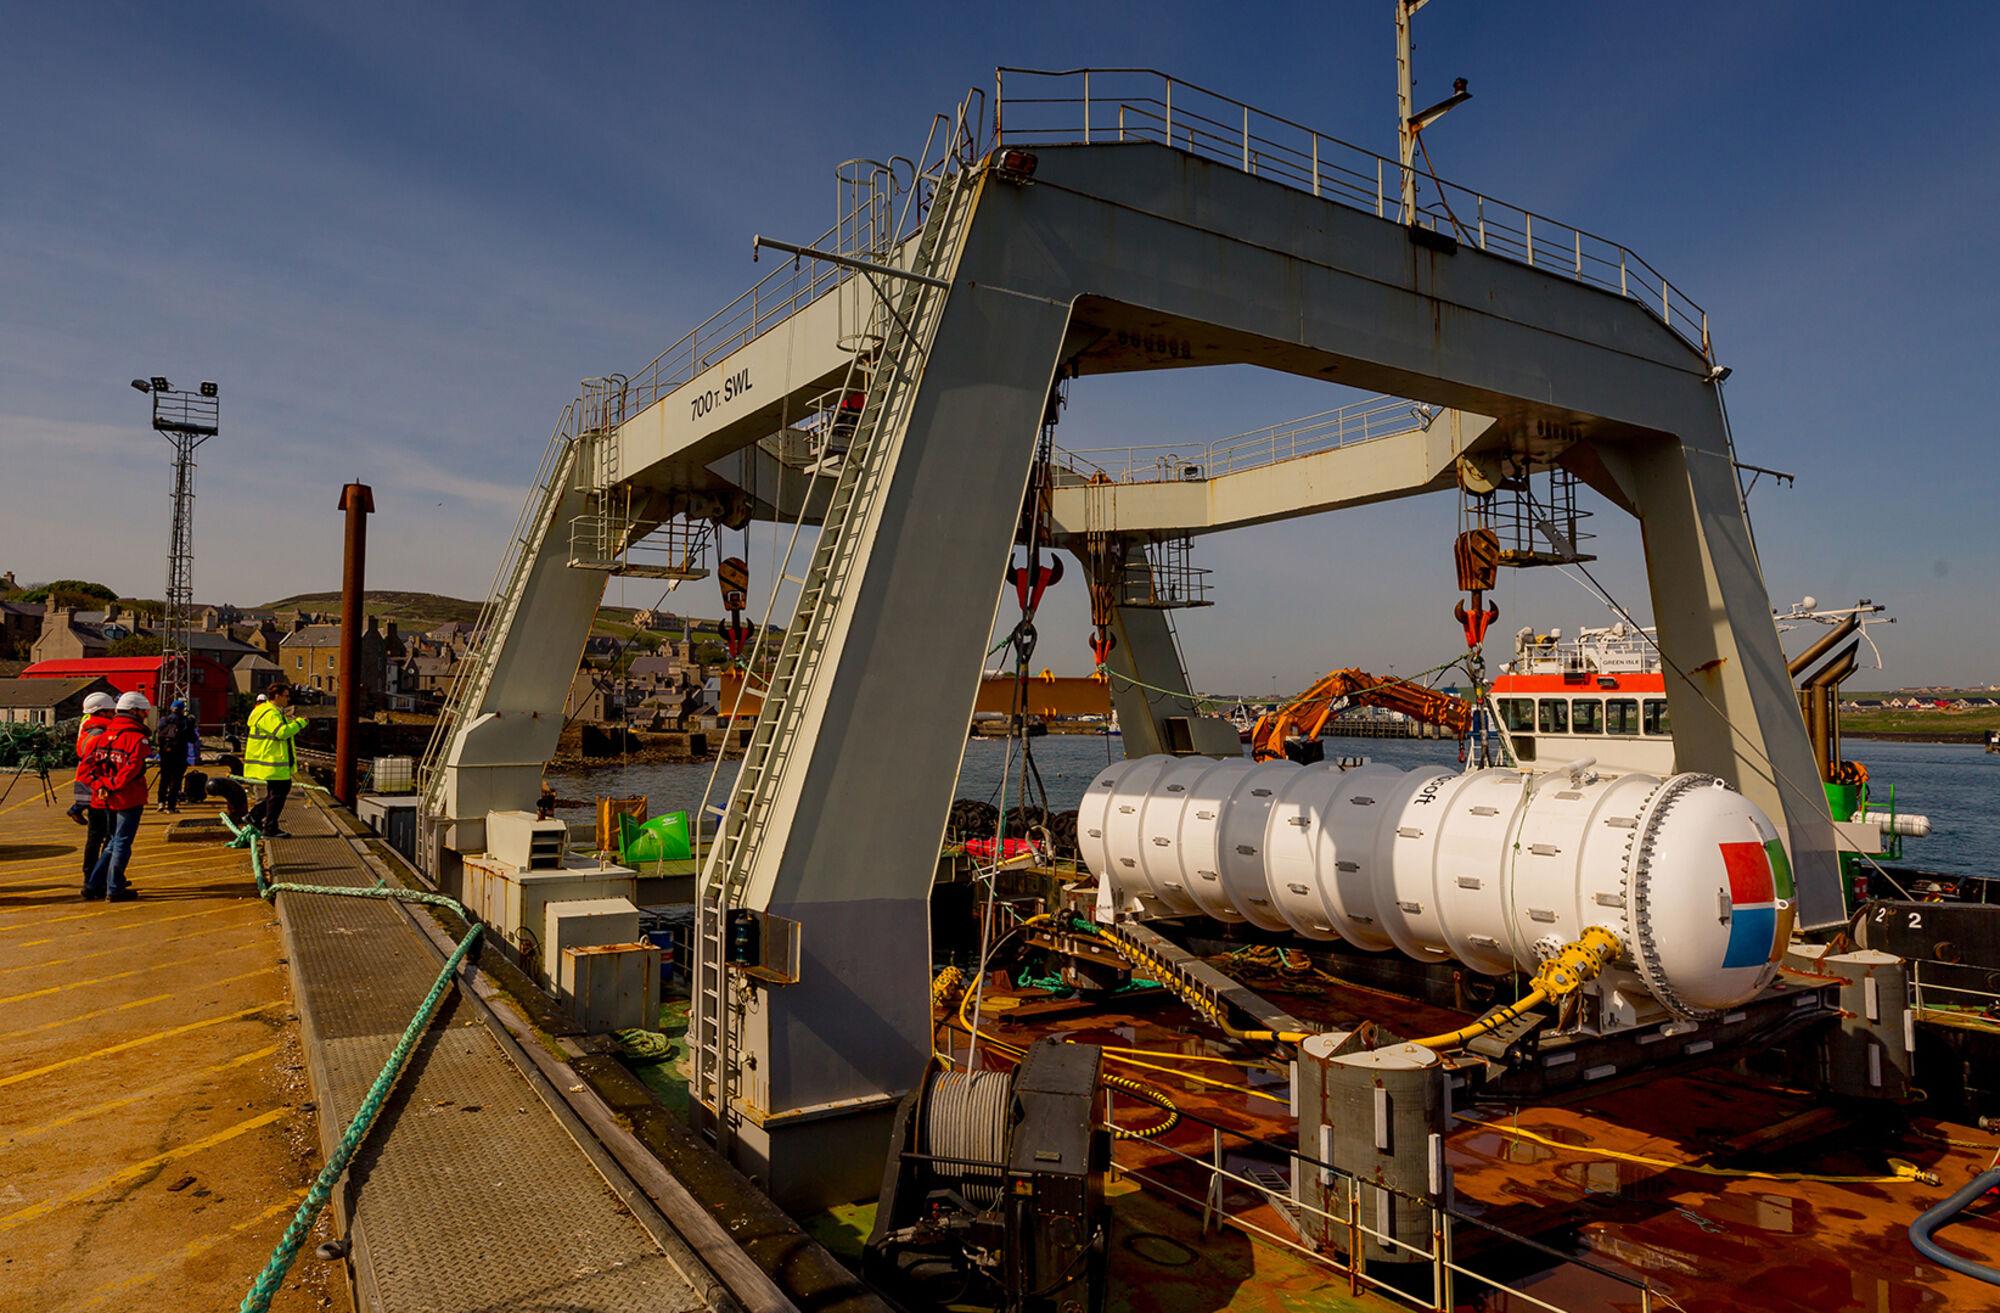 В рамках инициативы Project Natick корпорация Microsoft работает над созданием автономных глубоководных ЦОД, которые можно будет разместить прямо в море. В идеале такие дата-центры смогут пассивно охлаждаться водой и будут почти стопроцентно изолированы от внешних воздействий.